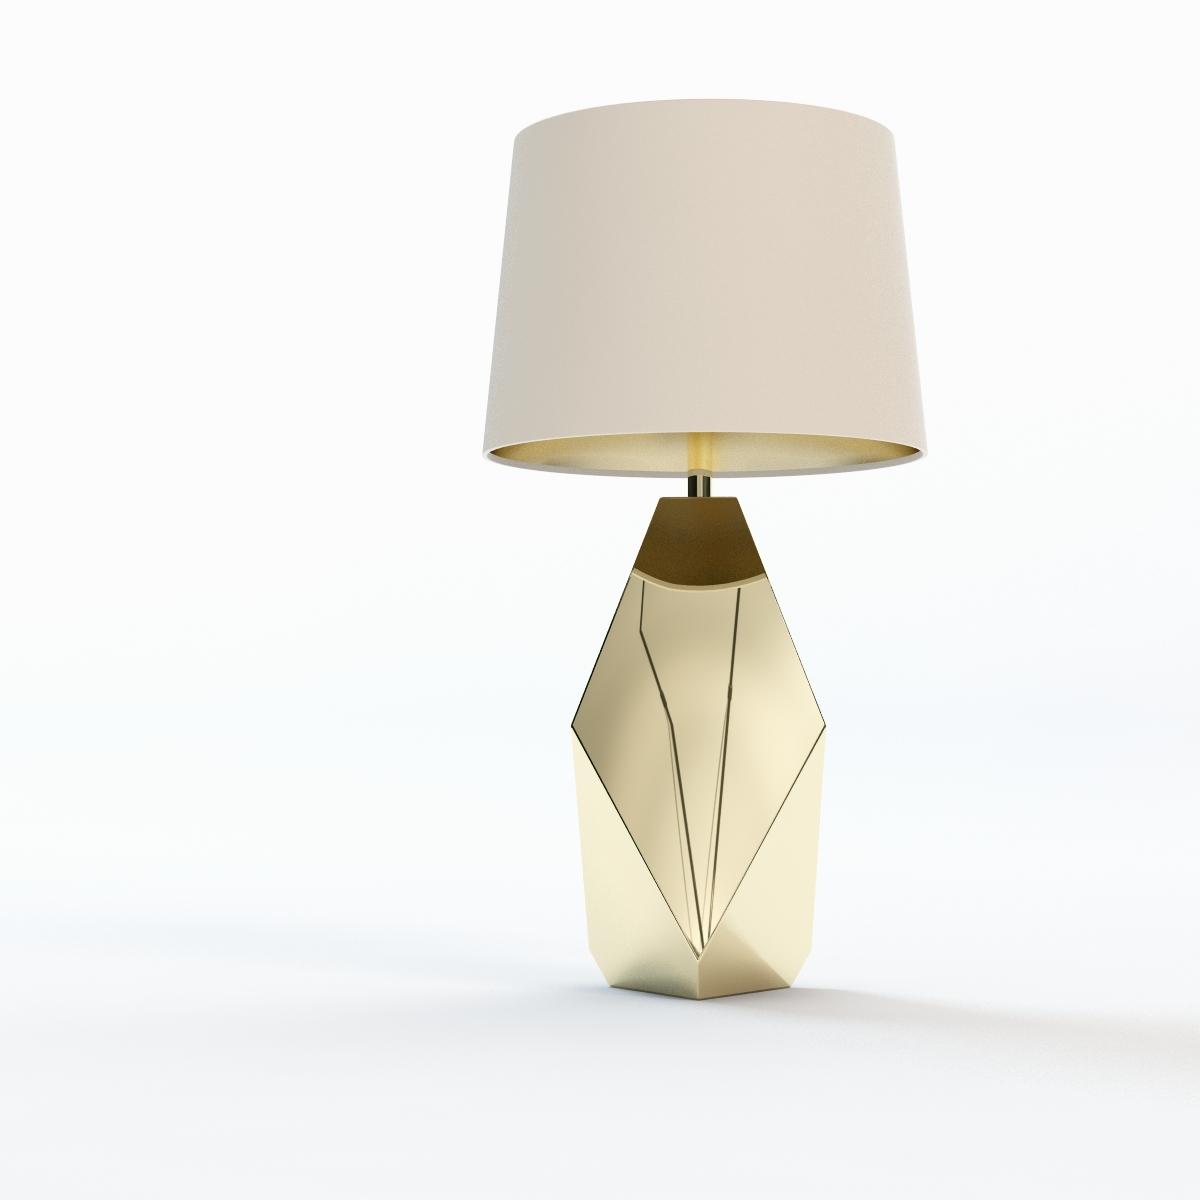 Nate Berkus Gold Table Lamp